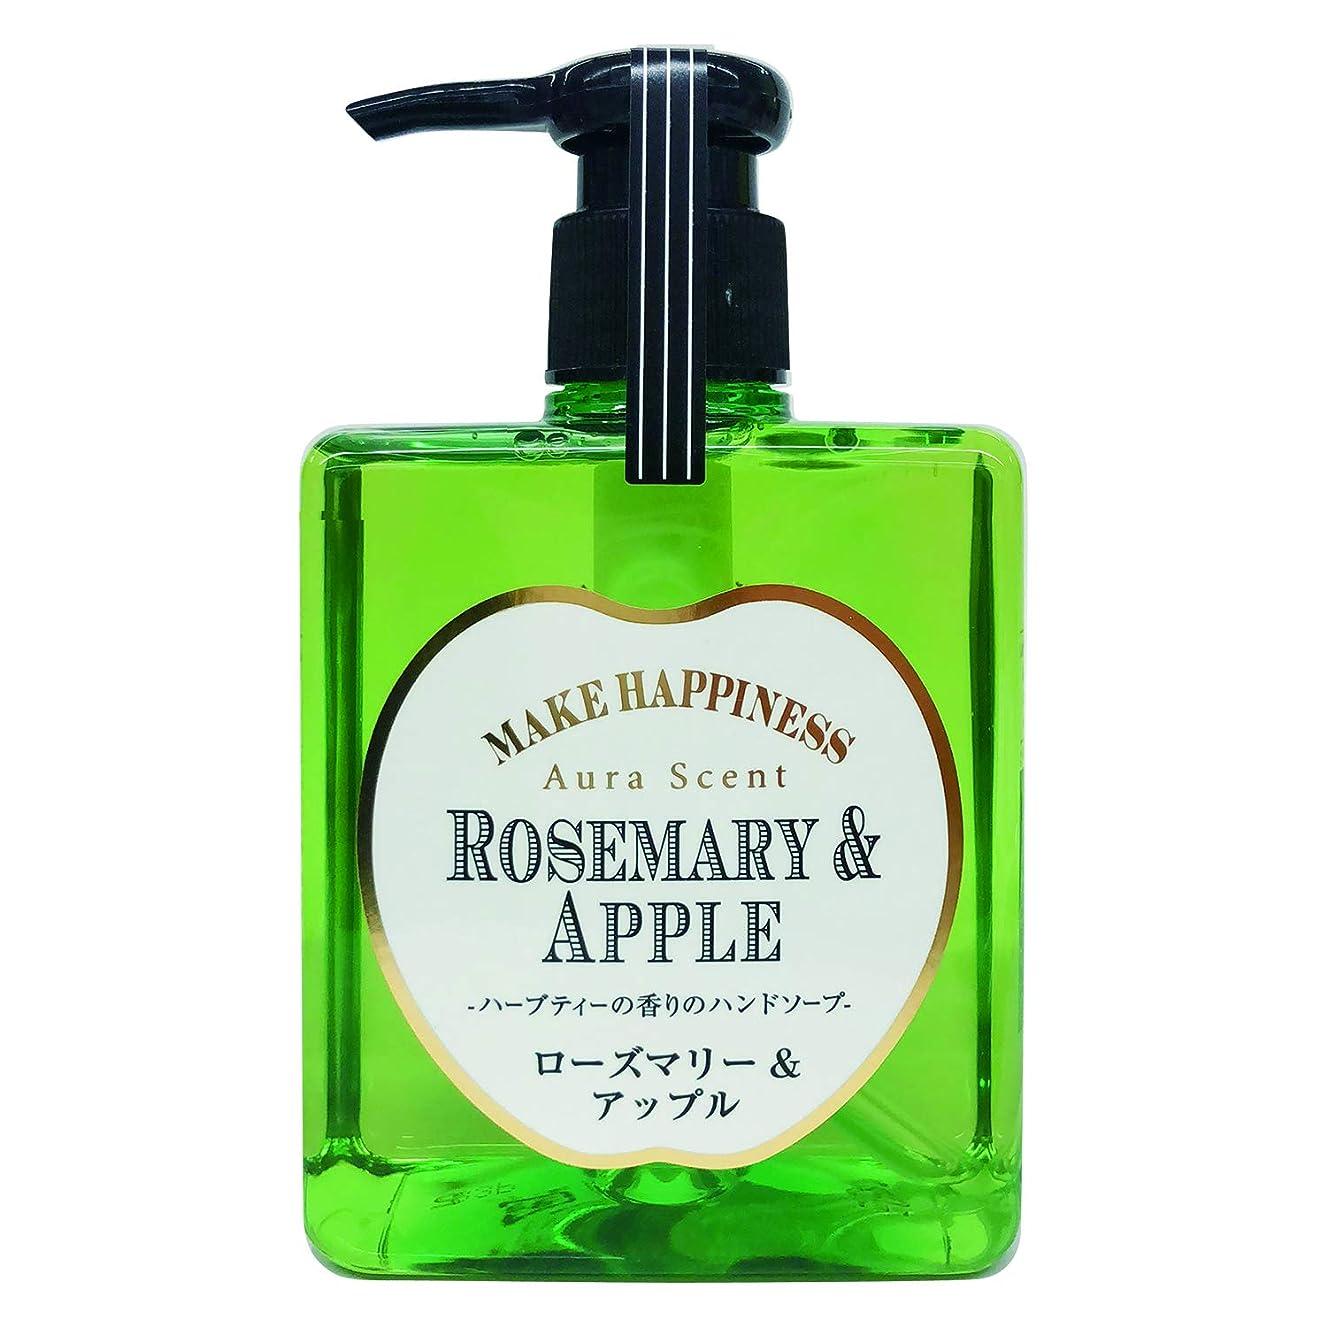 ドアミラー排泄物心配するペリカン石鹸 オーラセント ハンドソープ ローズマリー&アップル 300ml